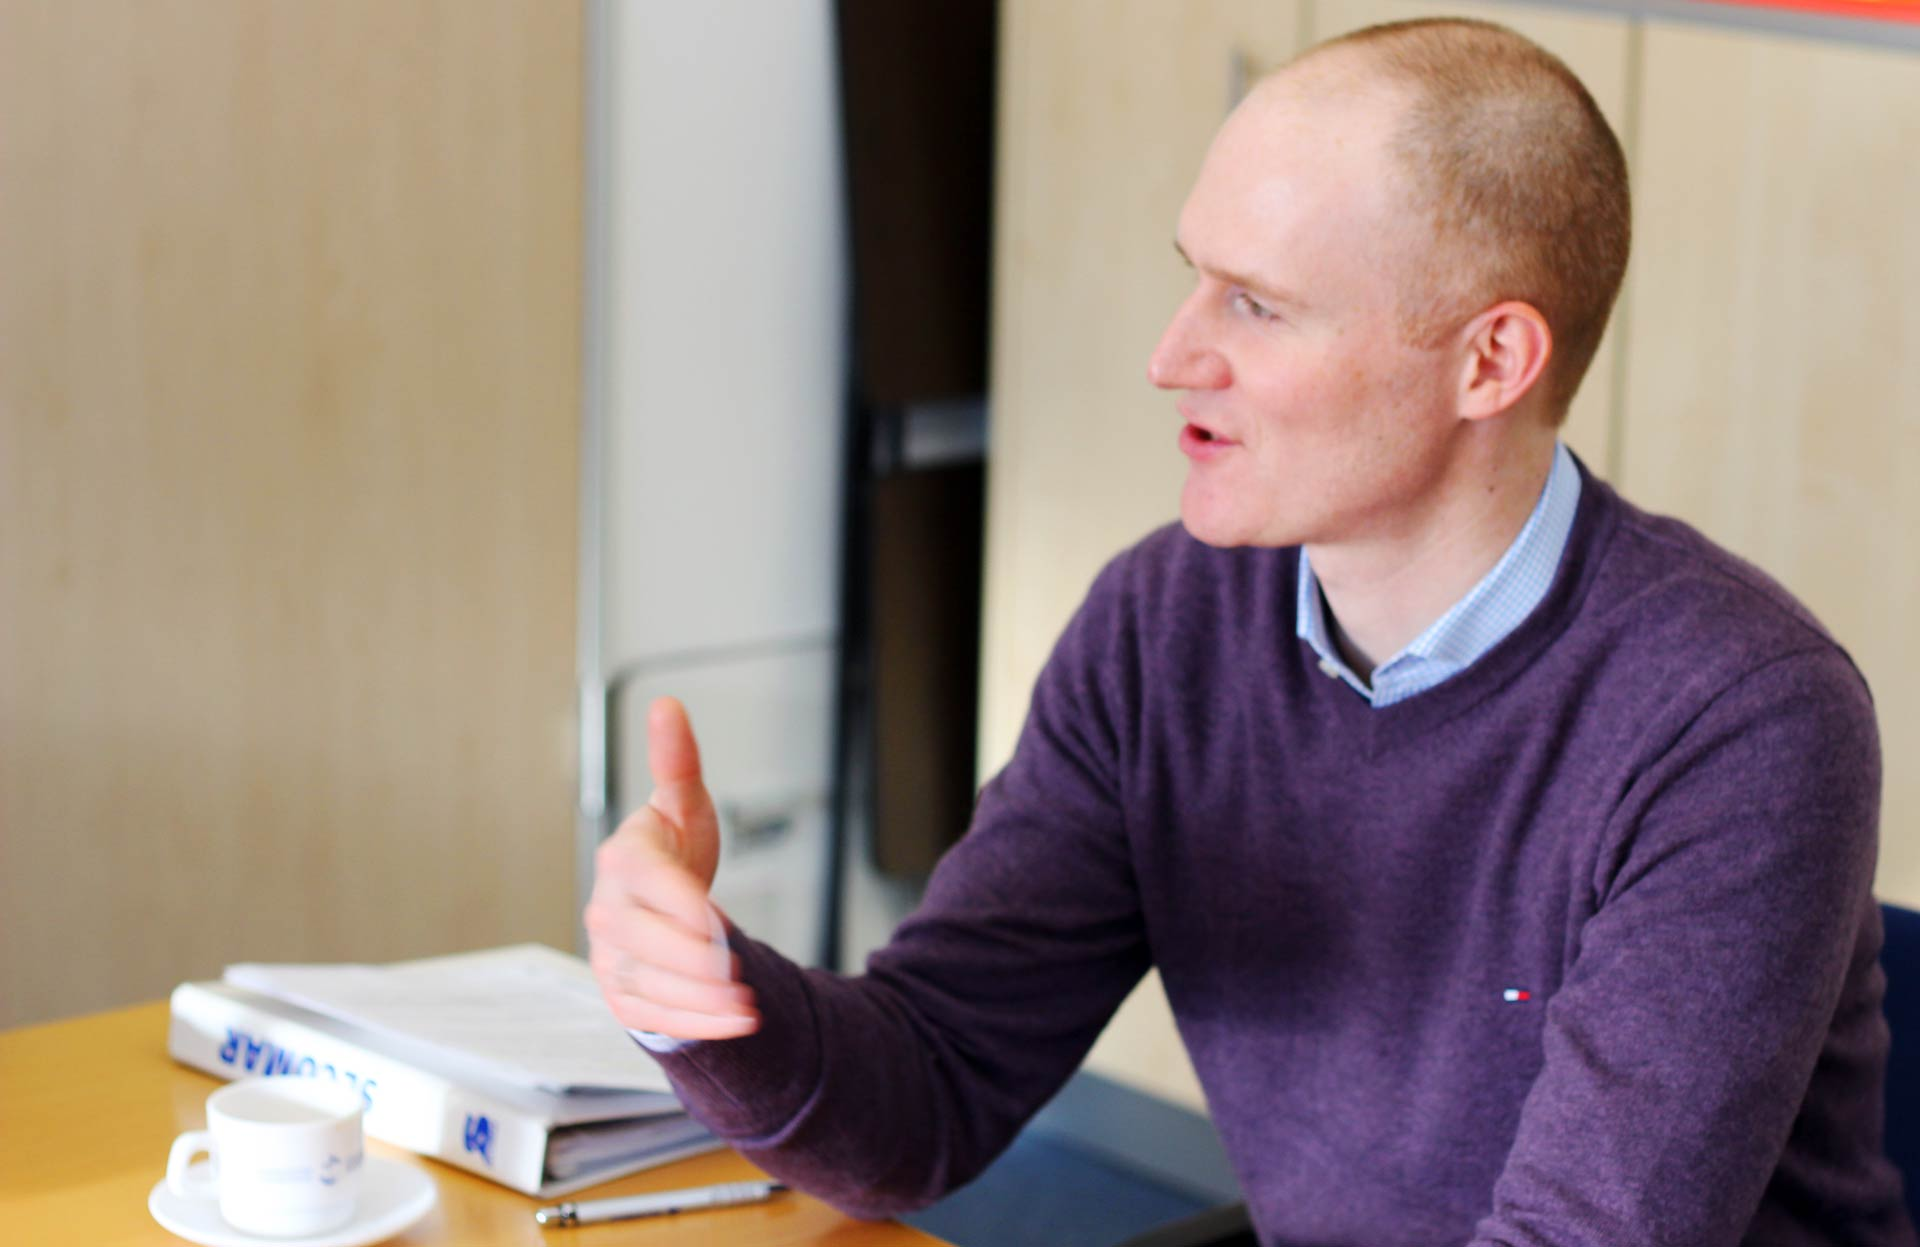 Olivier Christen explains how a life jacket works in principle